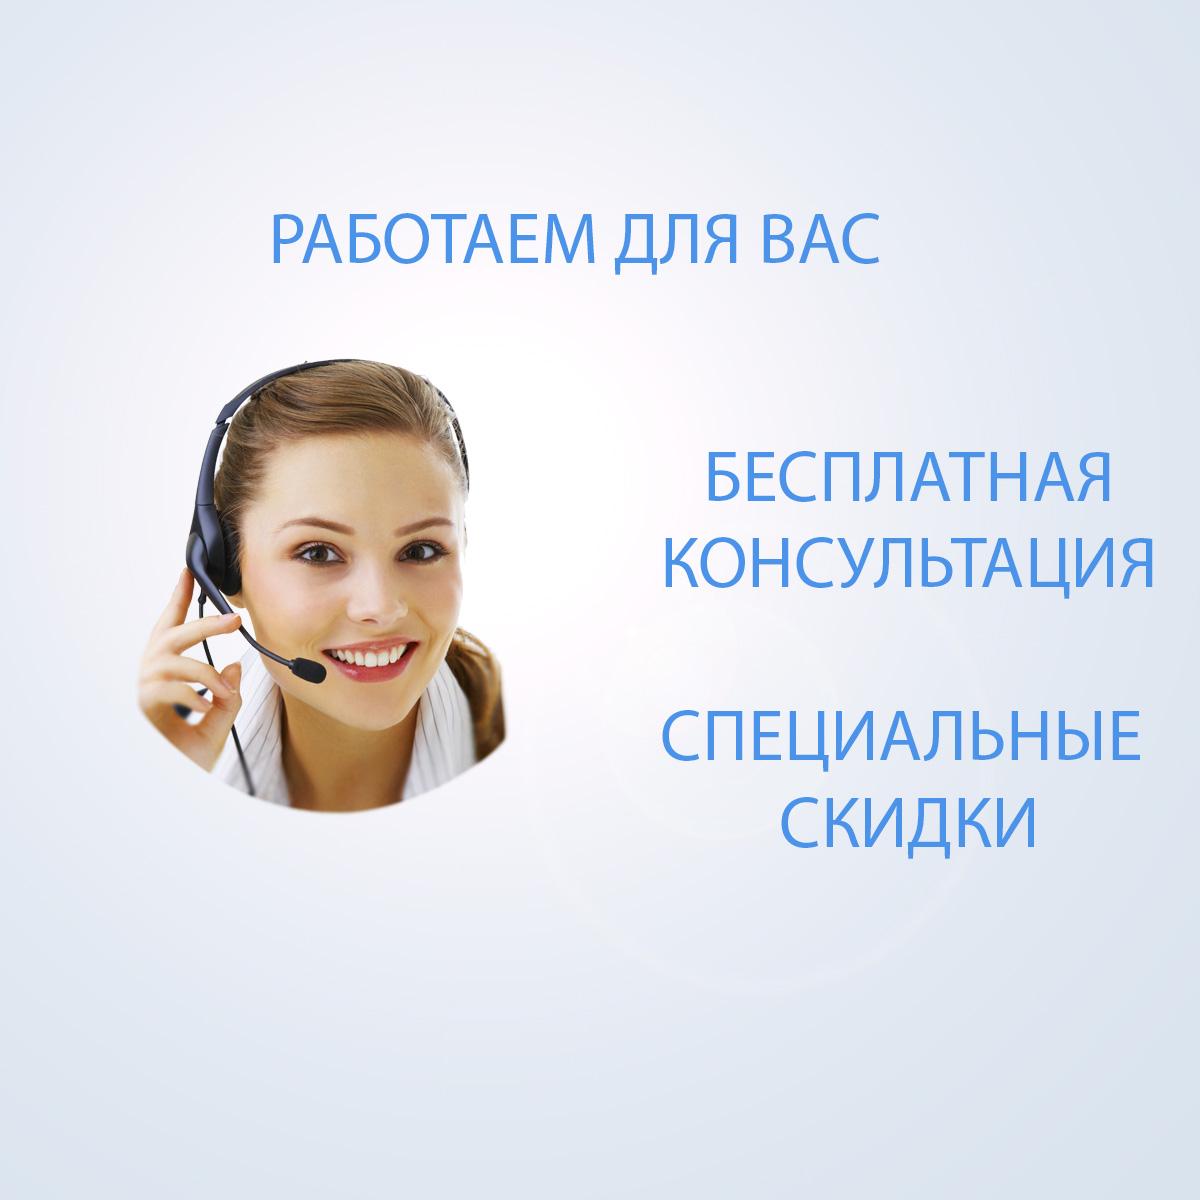 Бесплатные консультации экспертов по водоочистке от NEPTUN